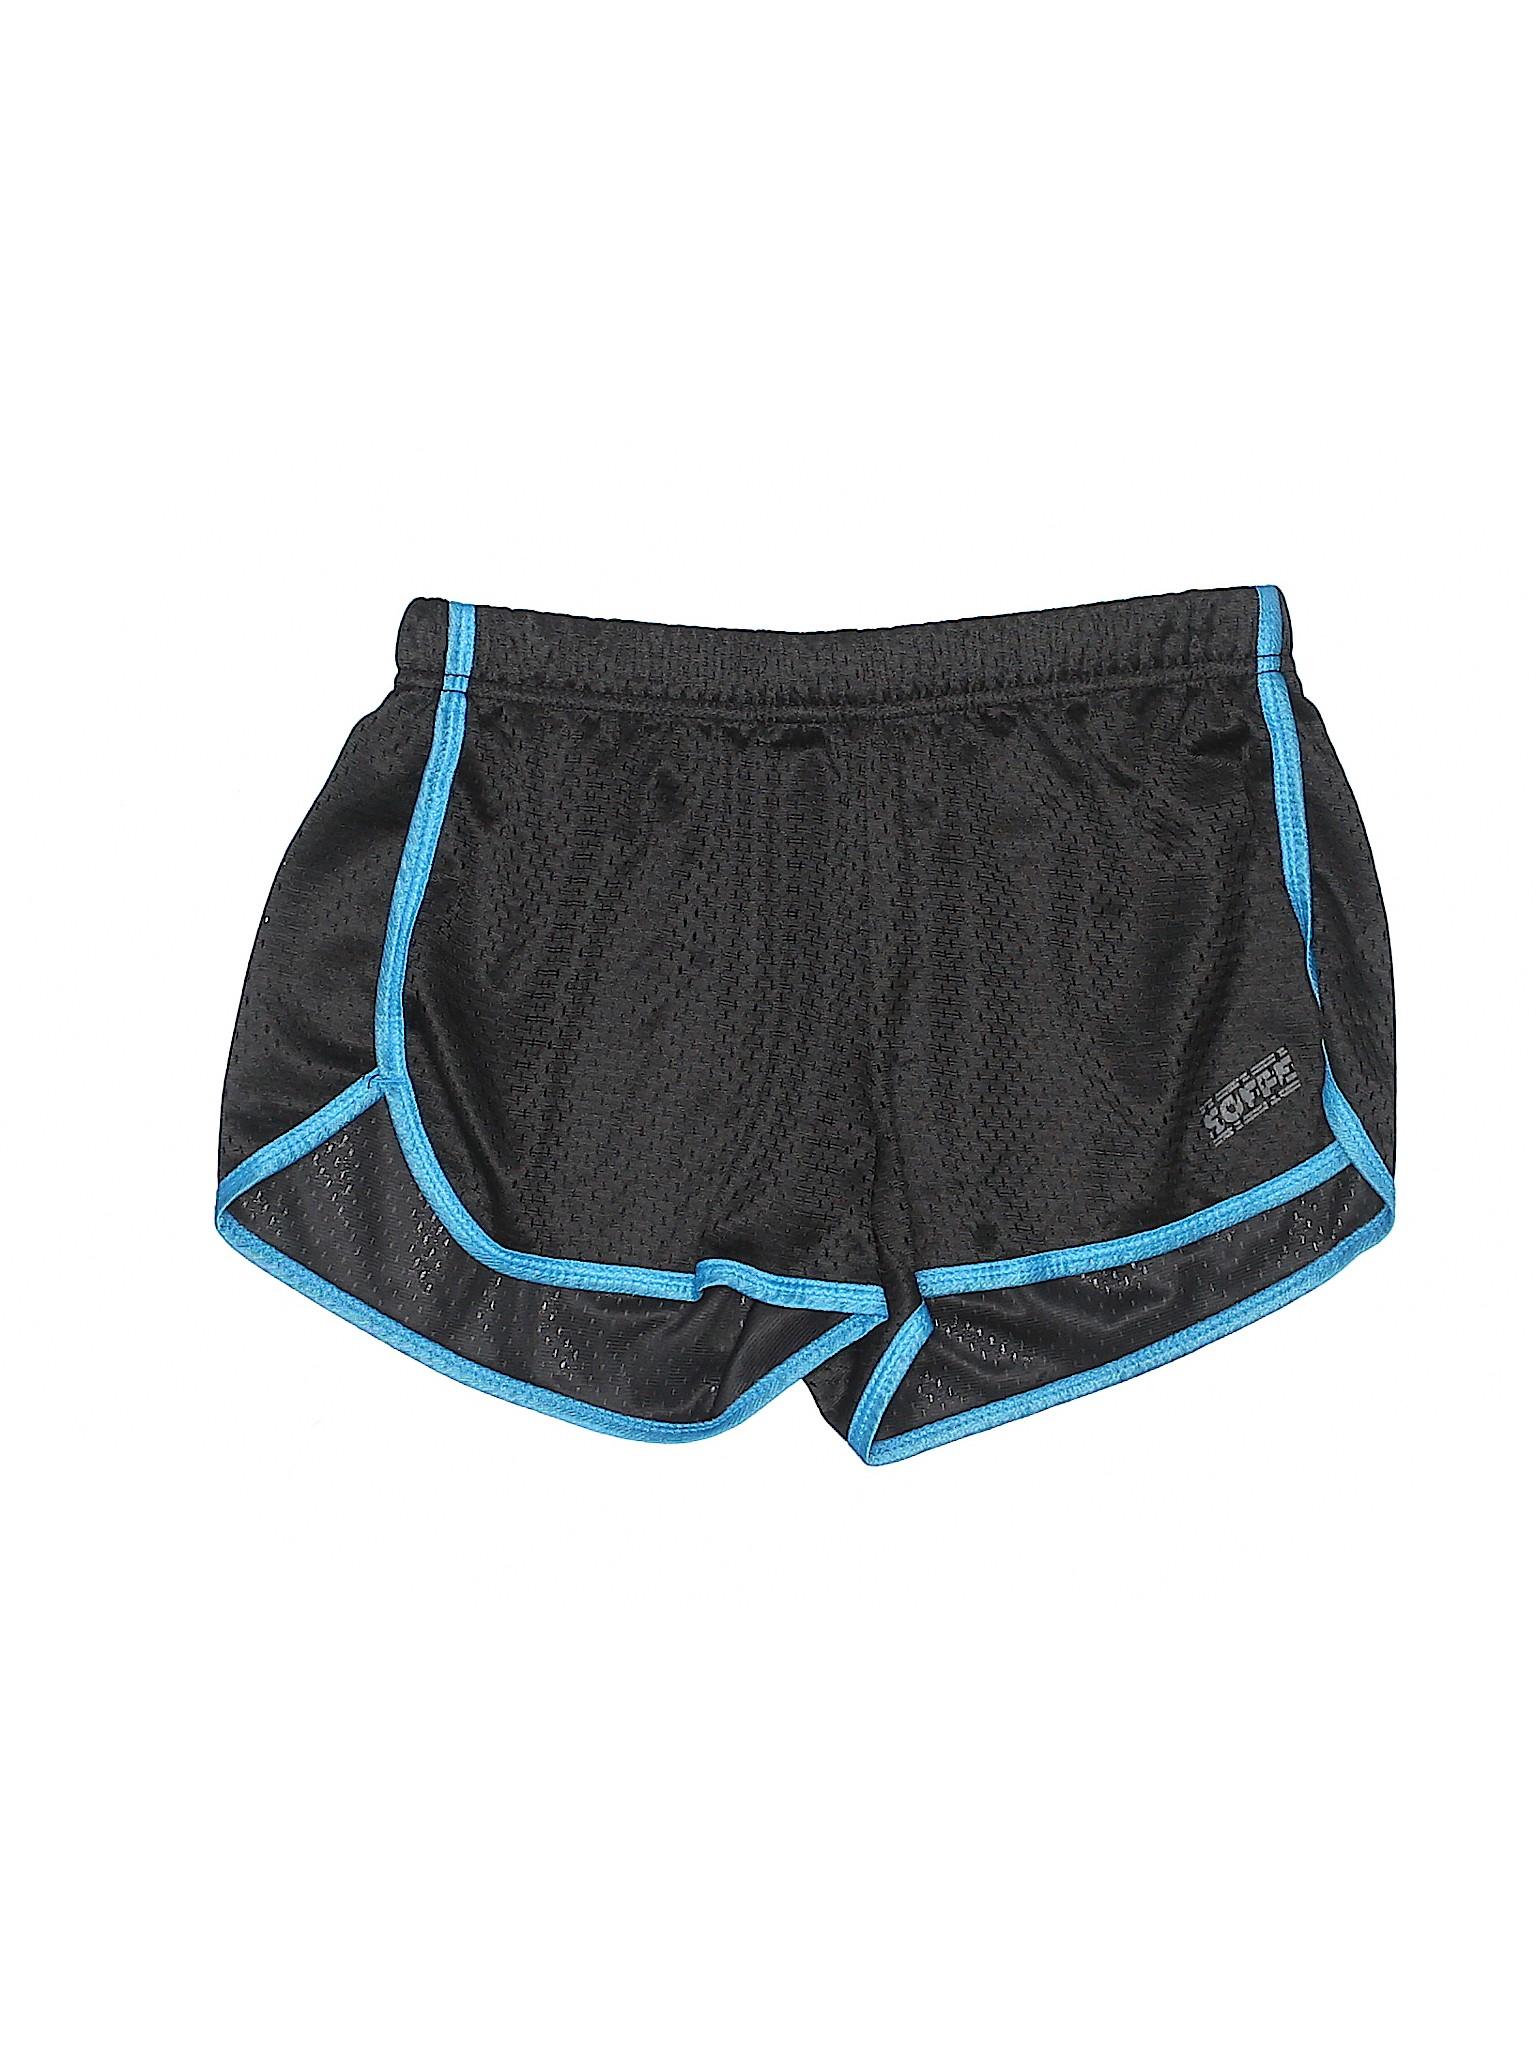 Athletic Shorts SOFFE Boutique Boutique Shorts Boutique SOFFE Athletic SOFFE Shorts Athletic CxqvzwZa